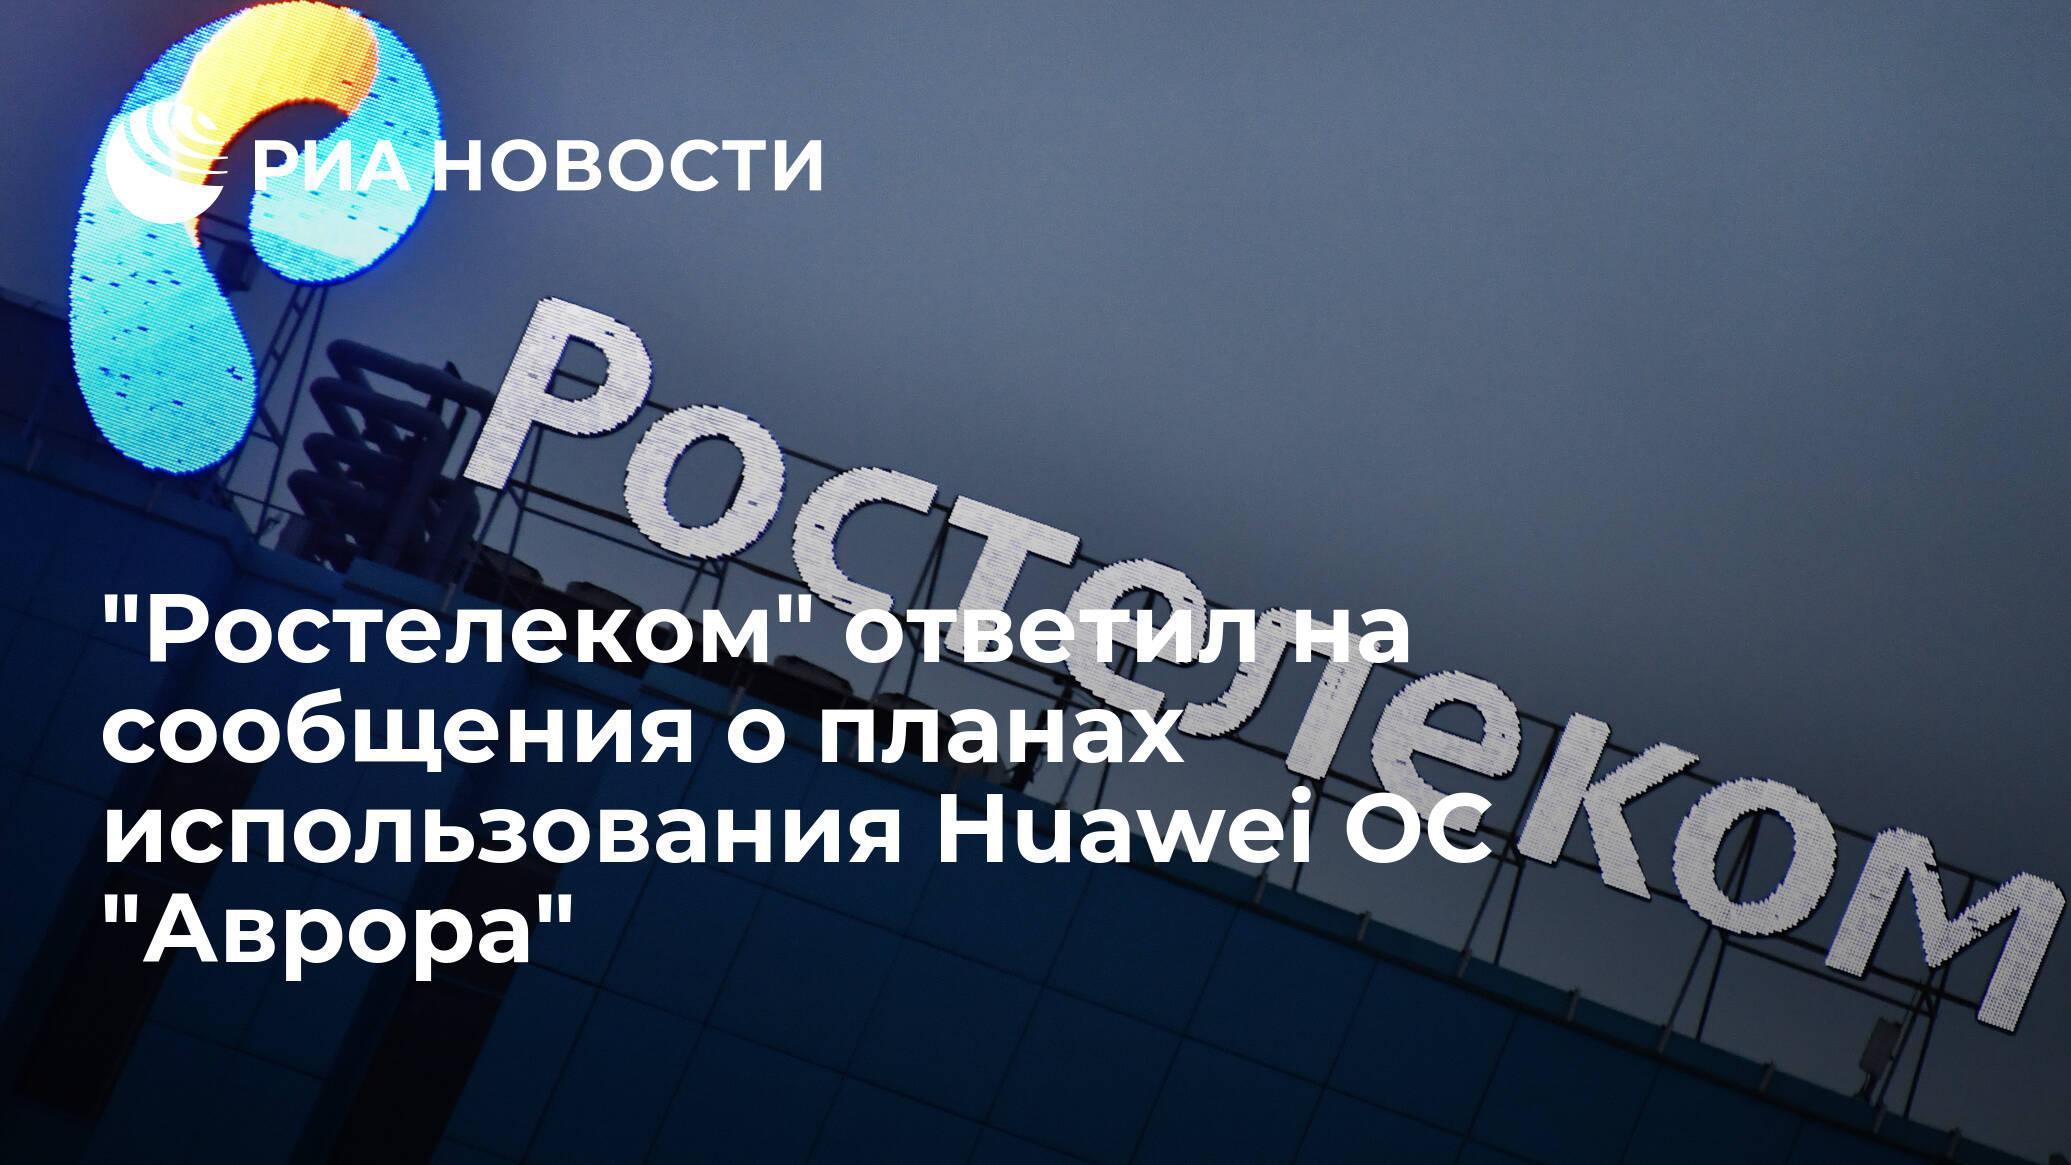 """""""Ростелеком"""" ответил на сообщения о планах использования Huawei ОС """"Аврора"""" - РИА Новости, 11.06.2019"""